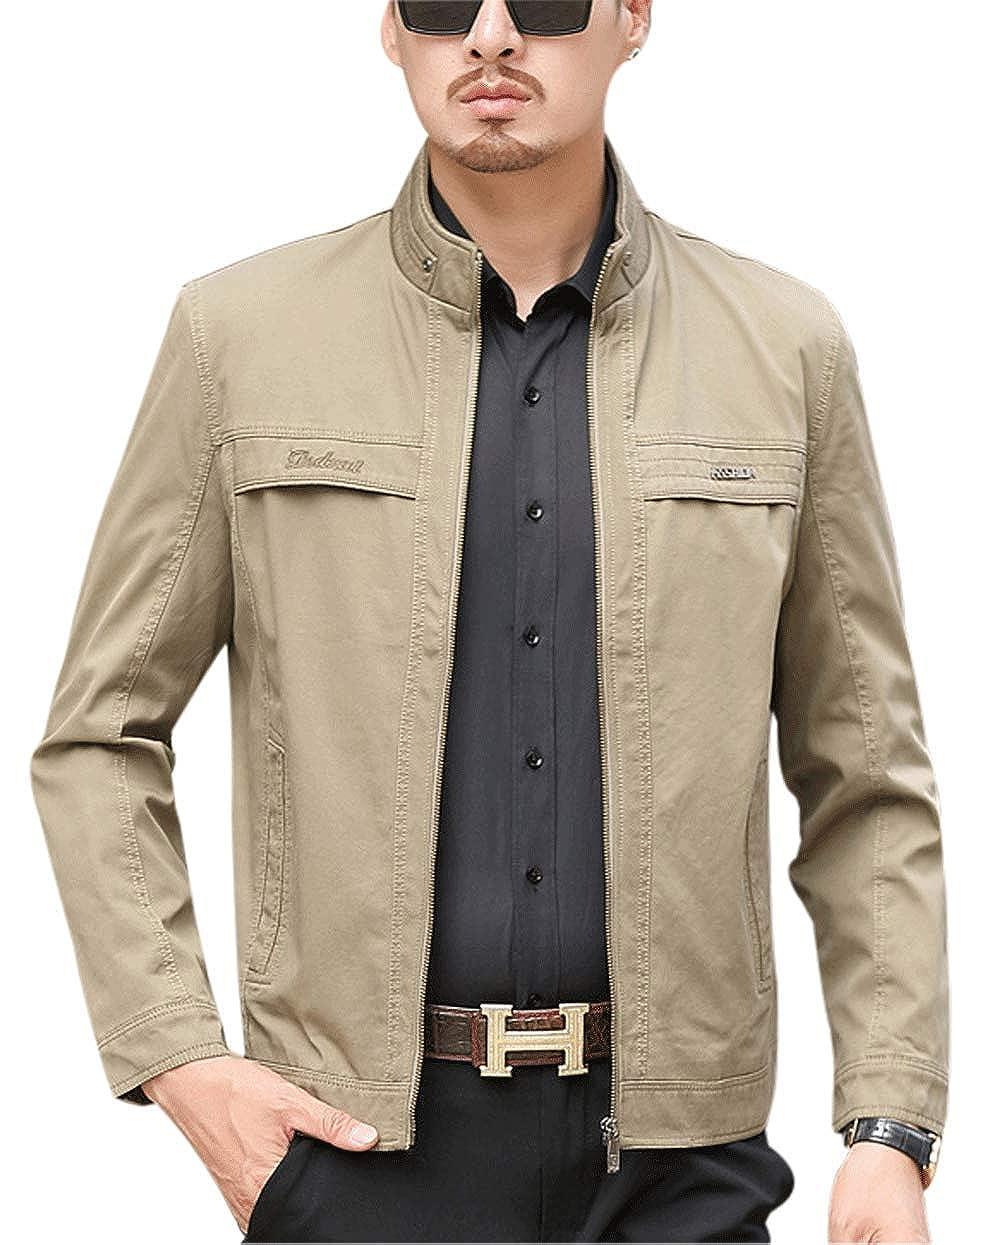 Gihuo Men's Casual Zip-Front Cotton Jacket